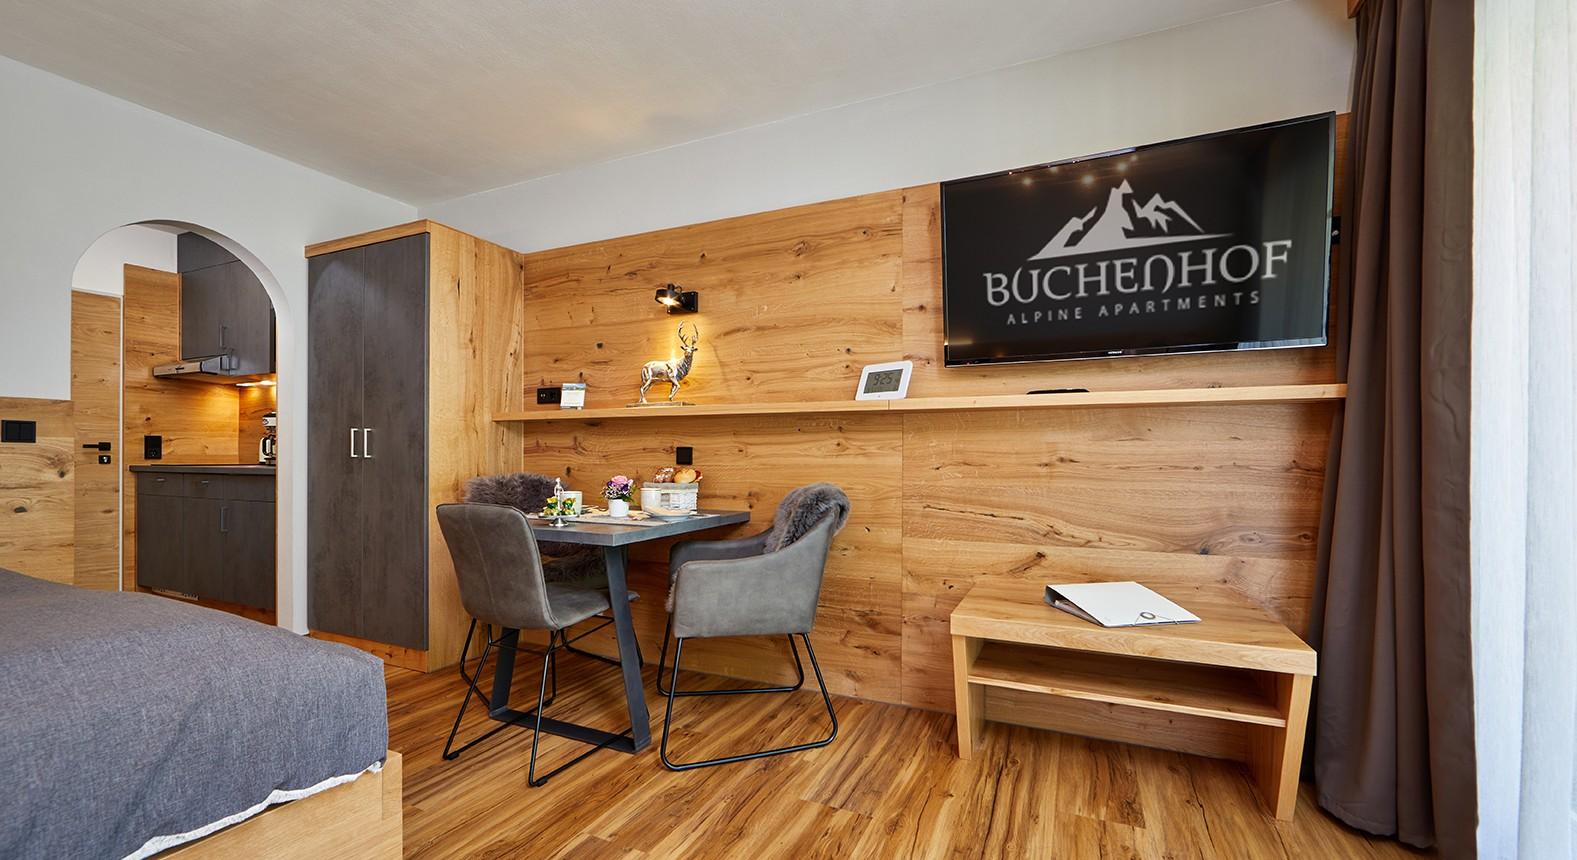 Entspannen im Buchenhof Appartment A